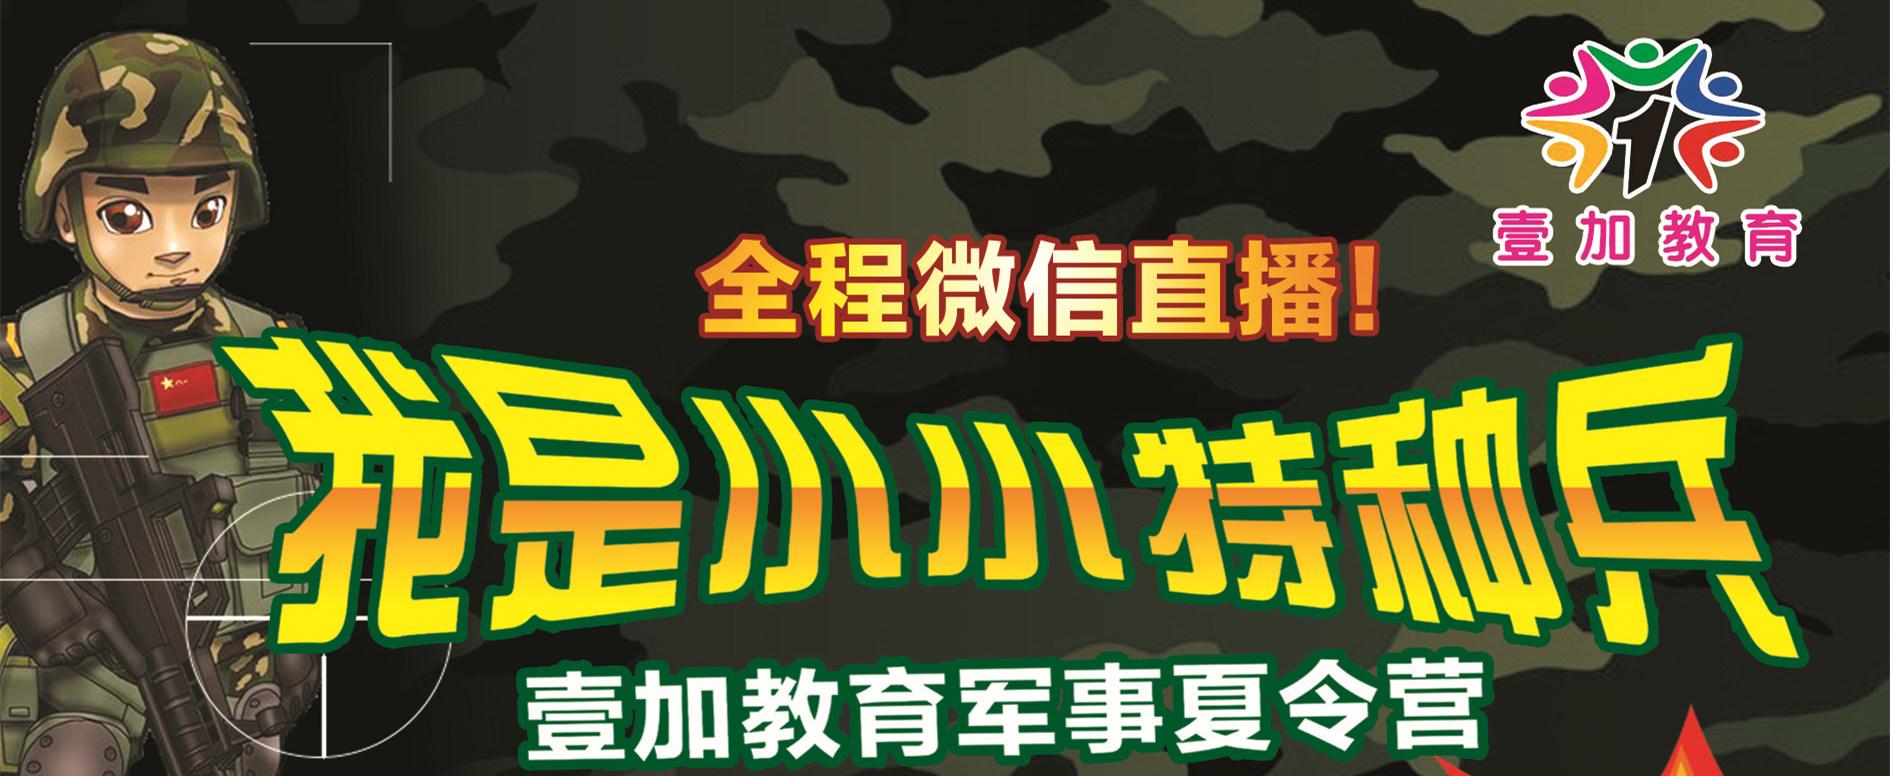 峡江壹加教育